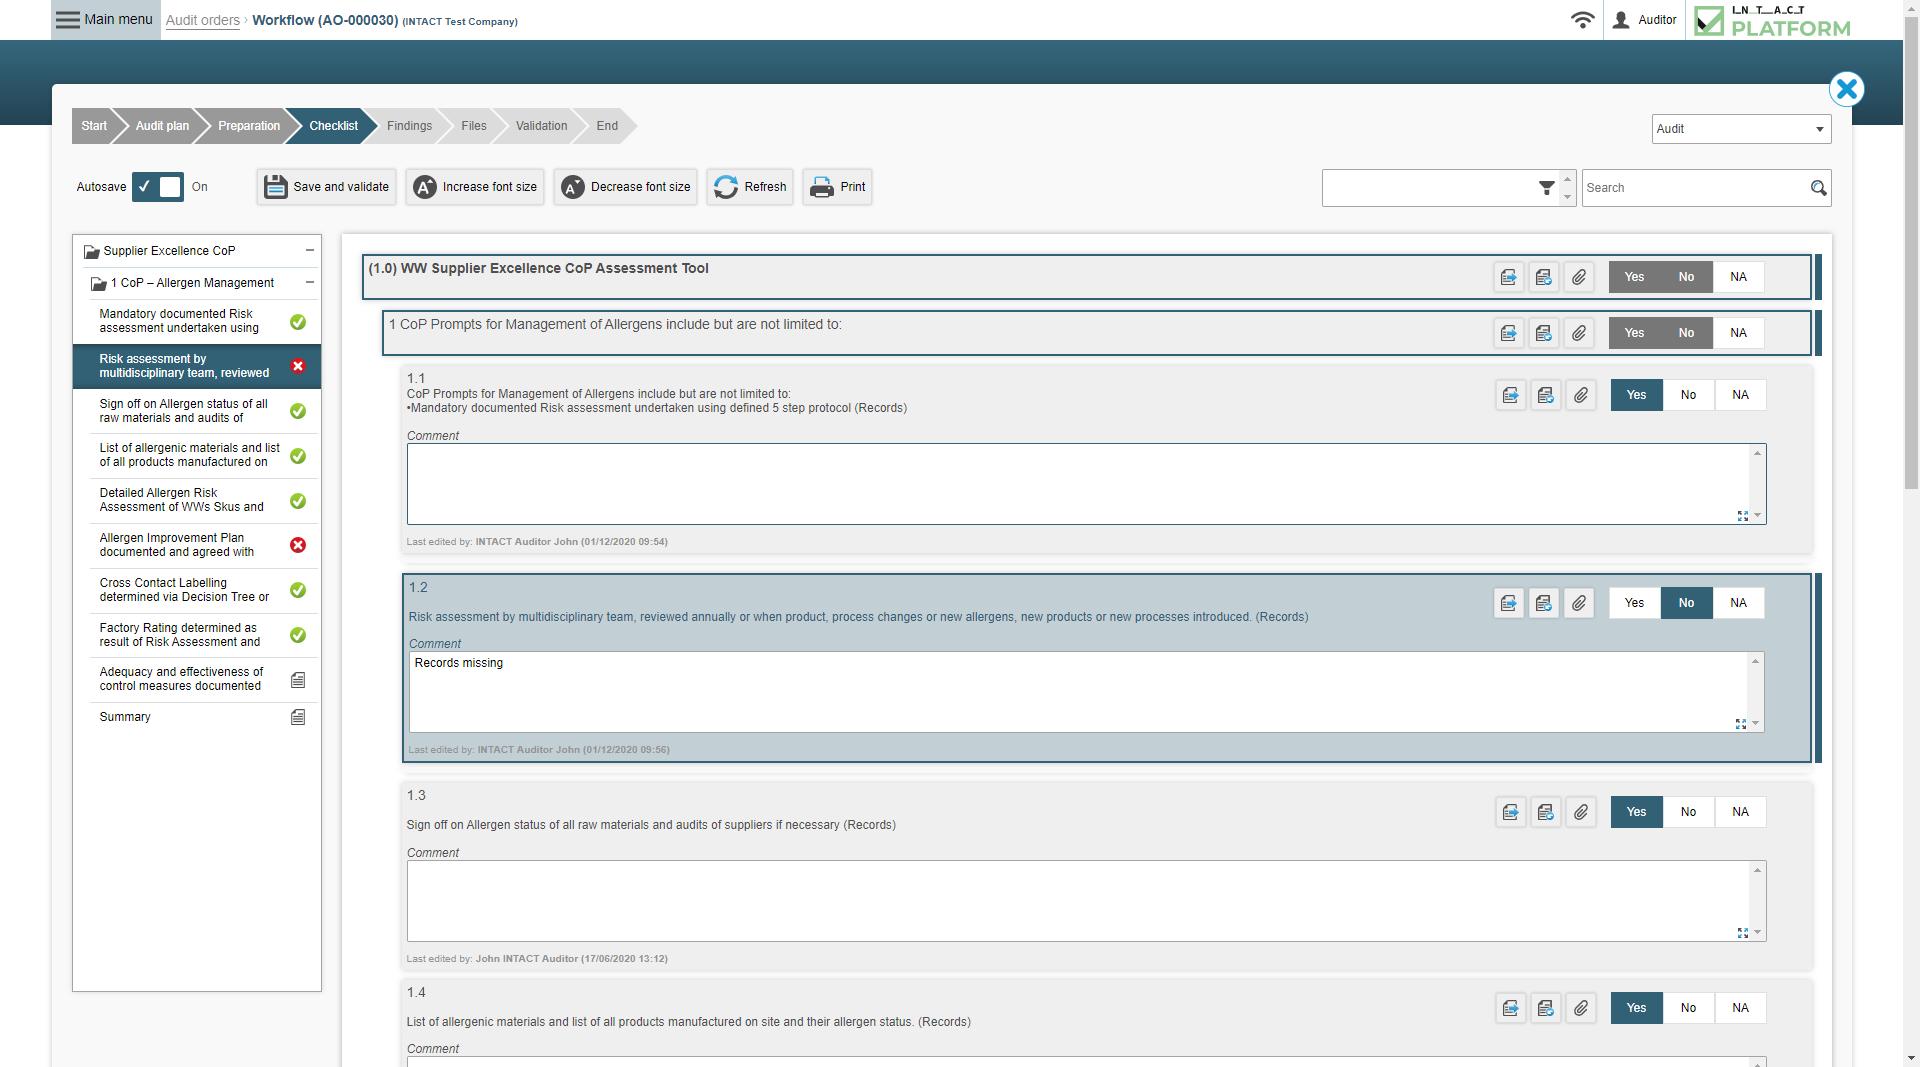 Intact Platform Checklist